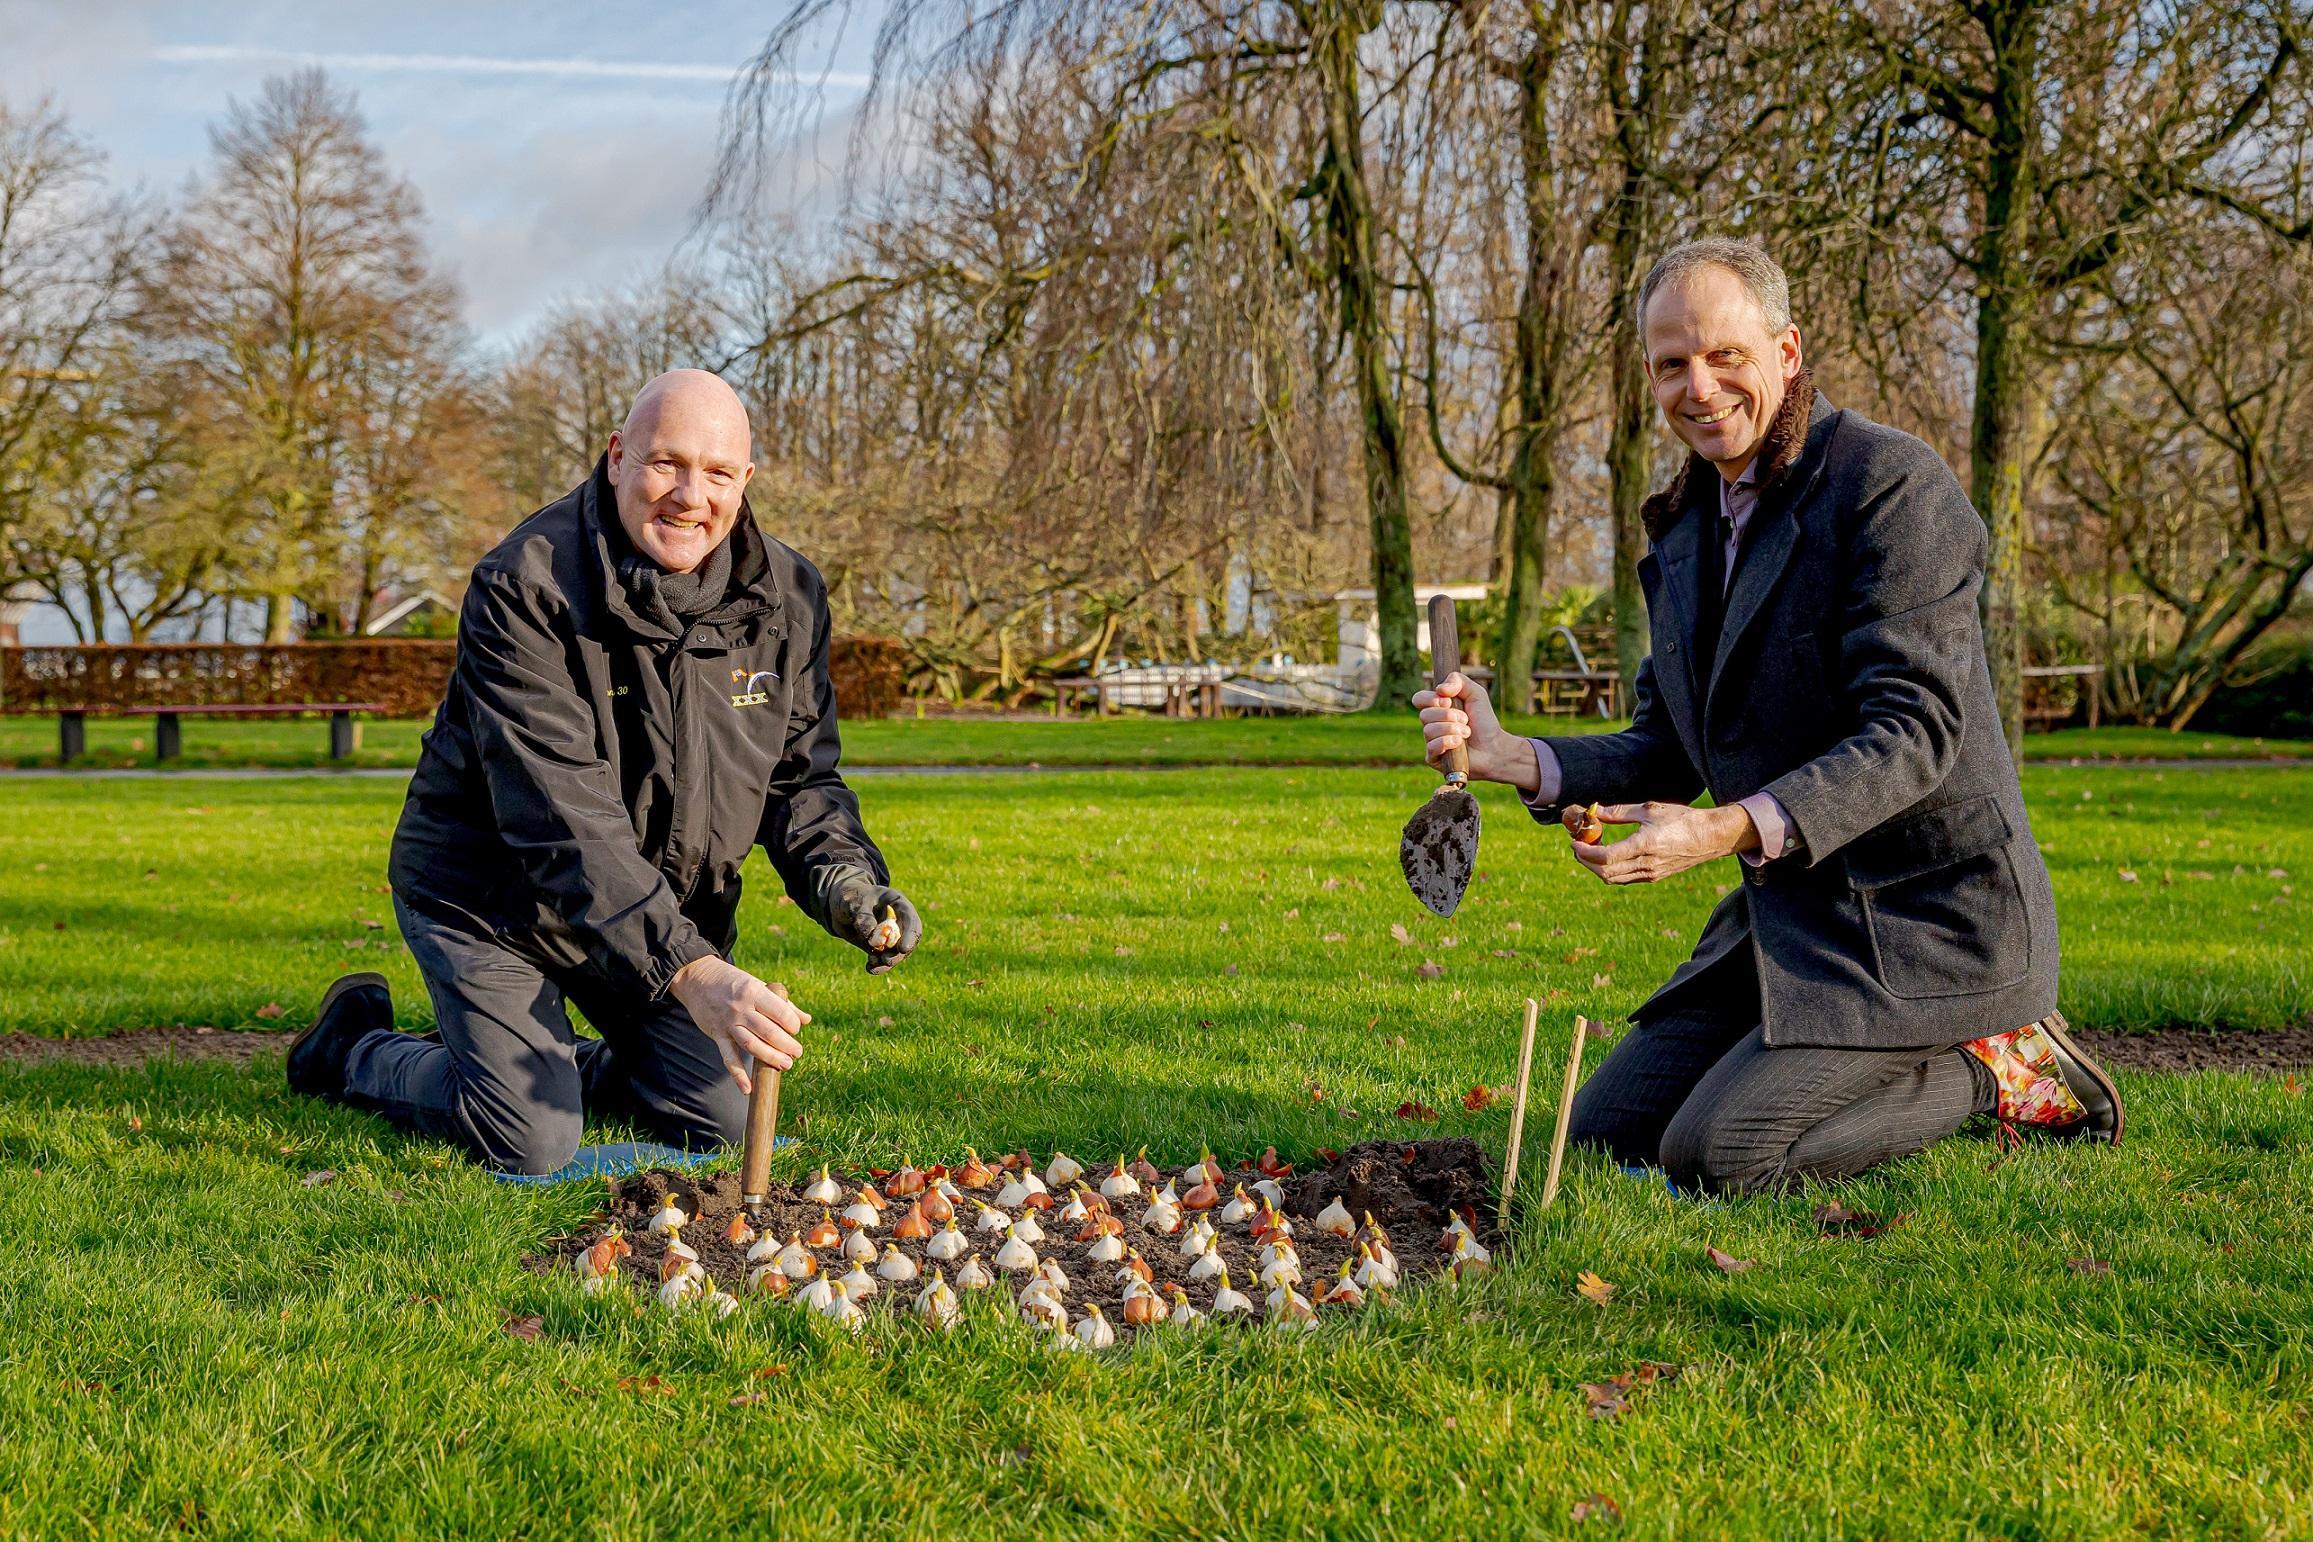 André Kuipers plant de laatste van zeven miljoen bollen in bloementuin Keukenhof